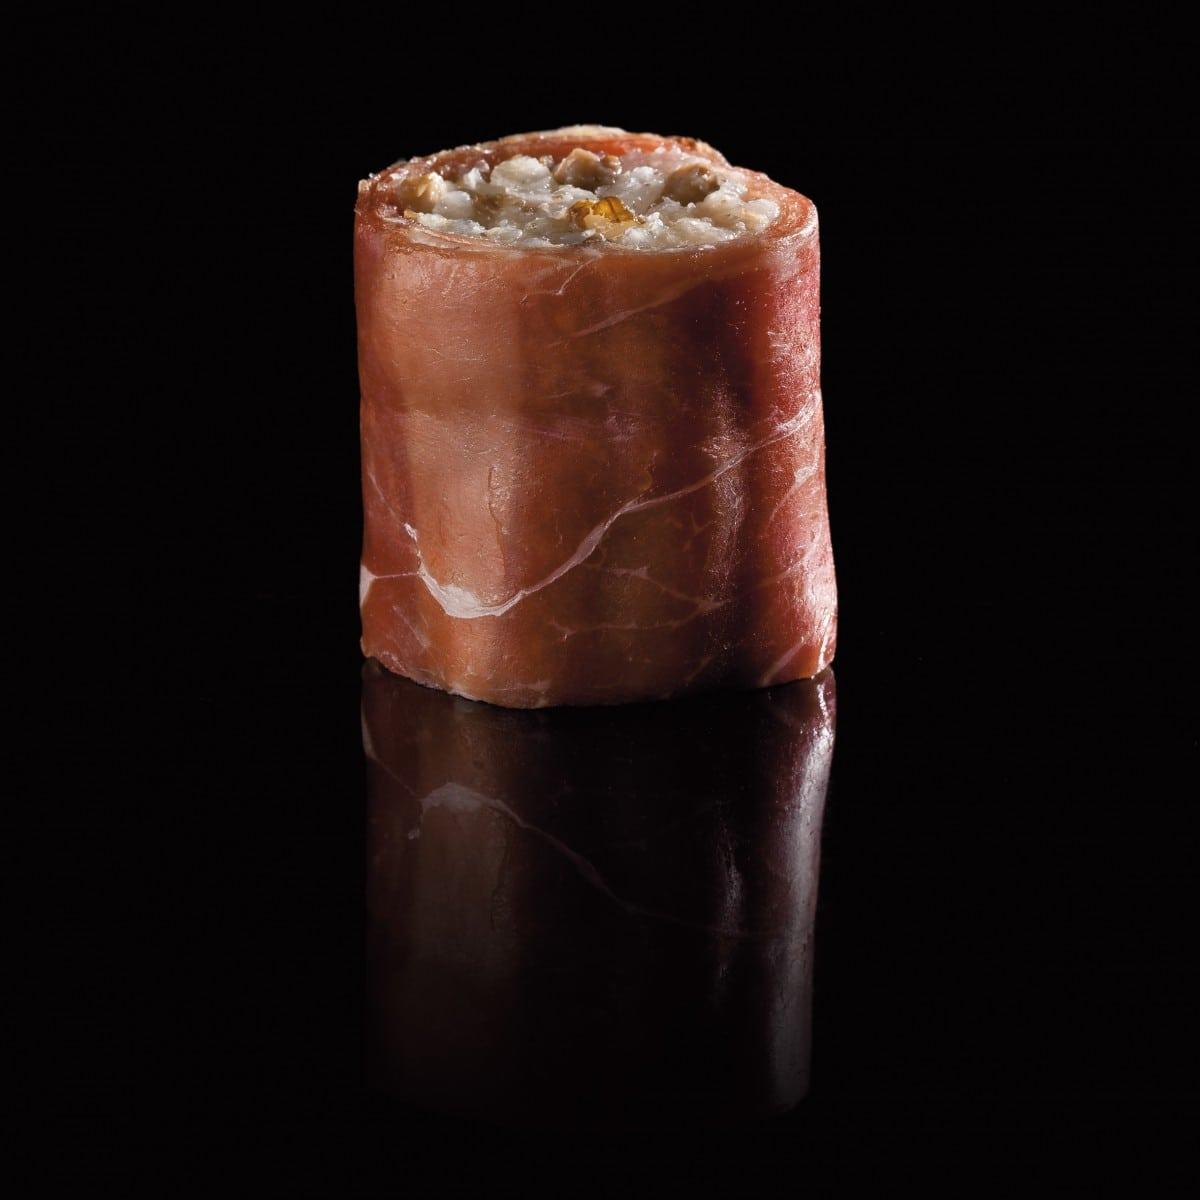 La recette. Maki de jambon cru, comté et noix grillées